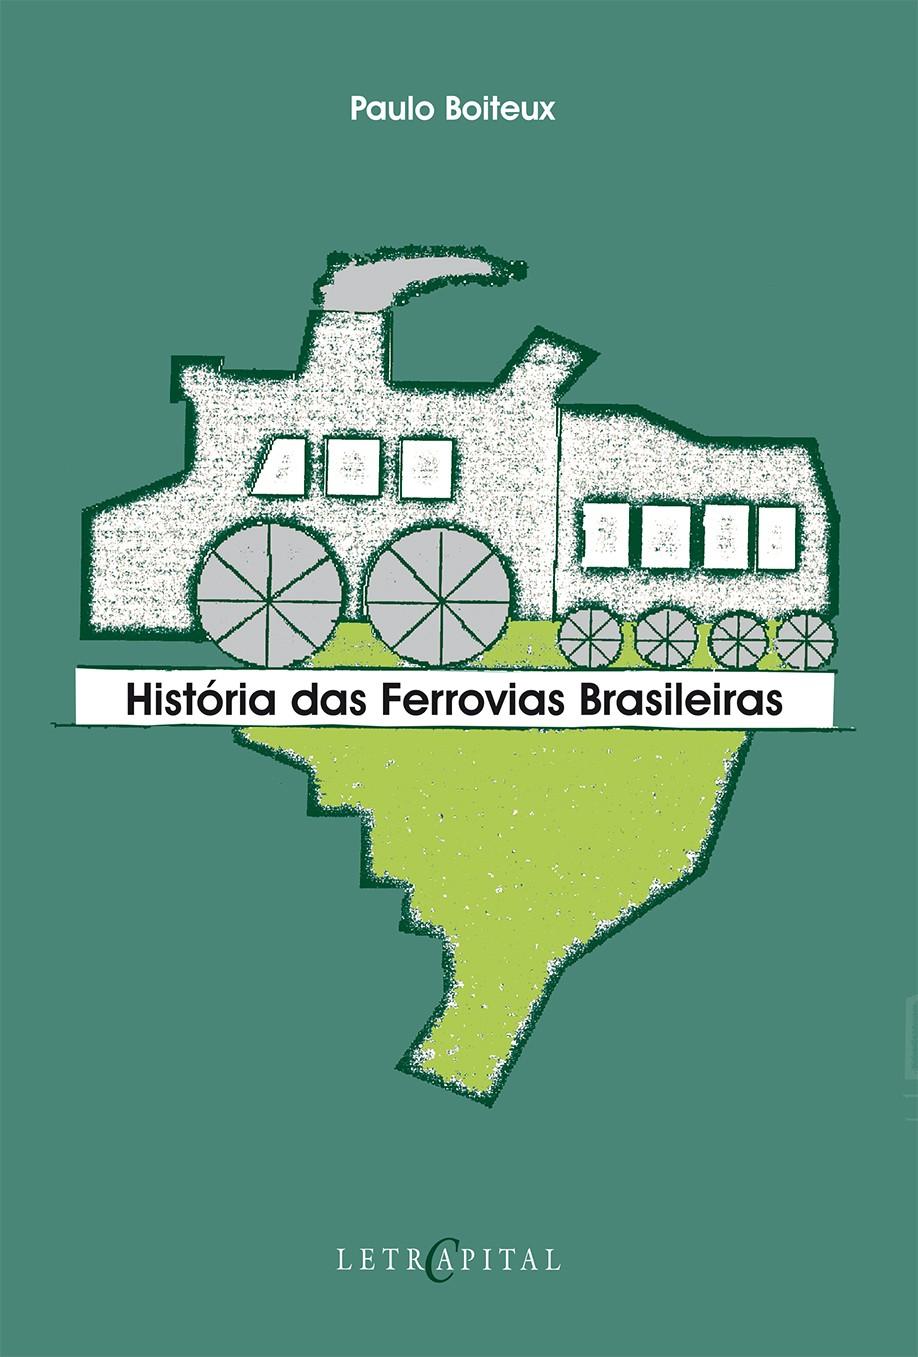 391a6e9cc7ac9 68-Historia-das-ferrovias-Brasileiras.jpg